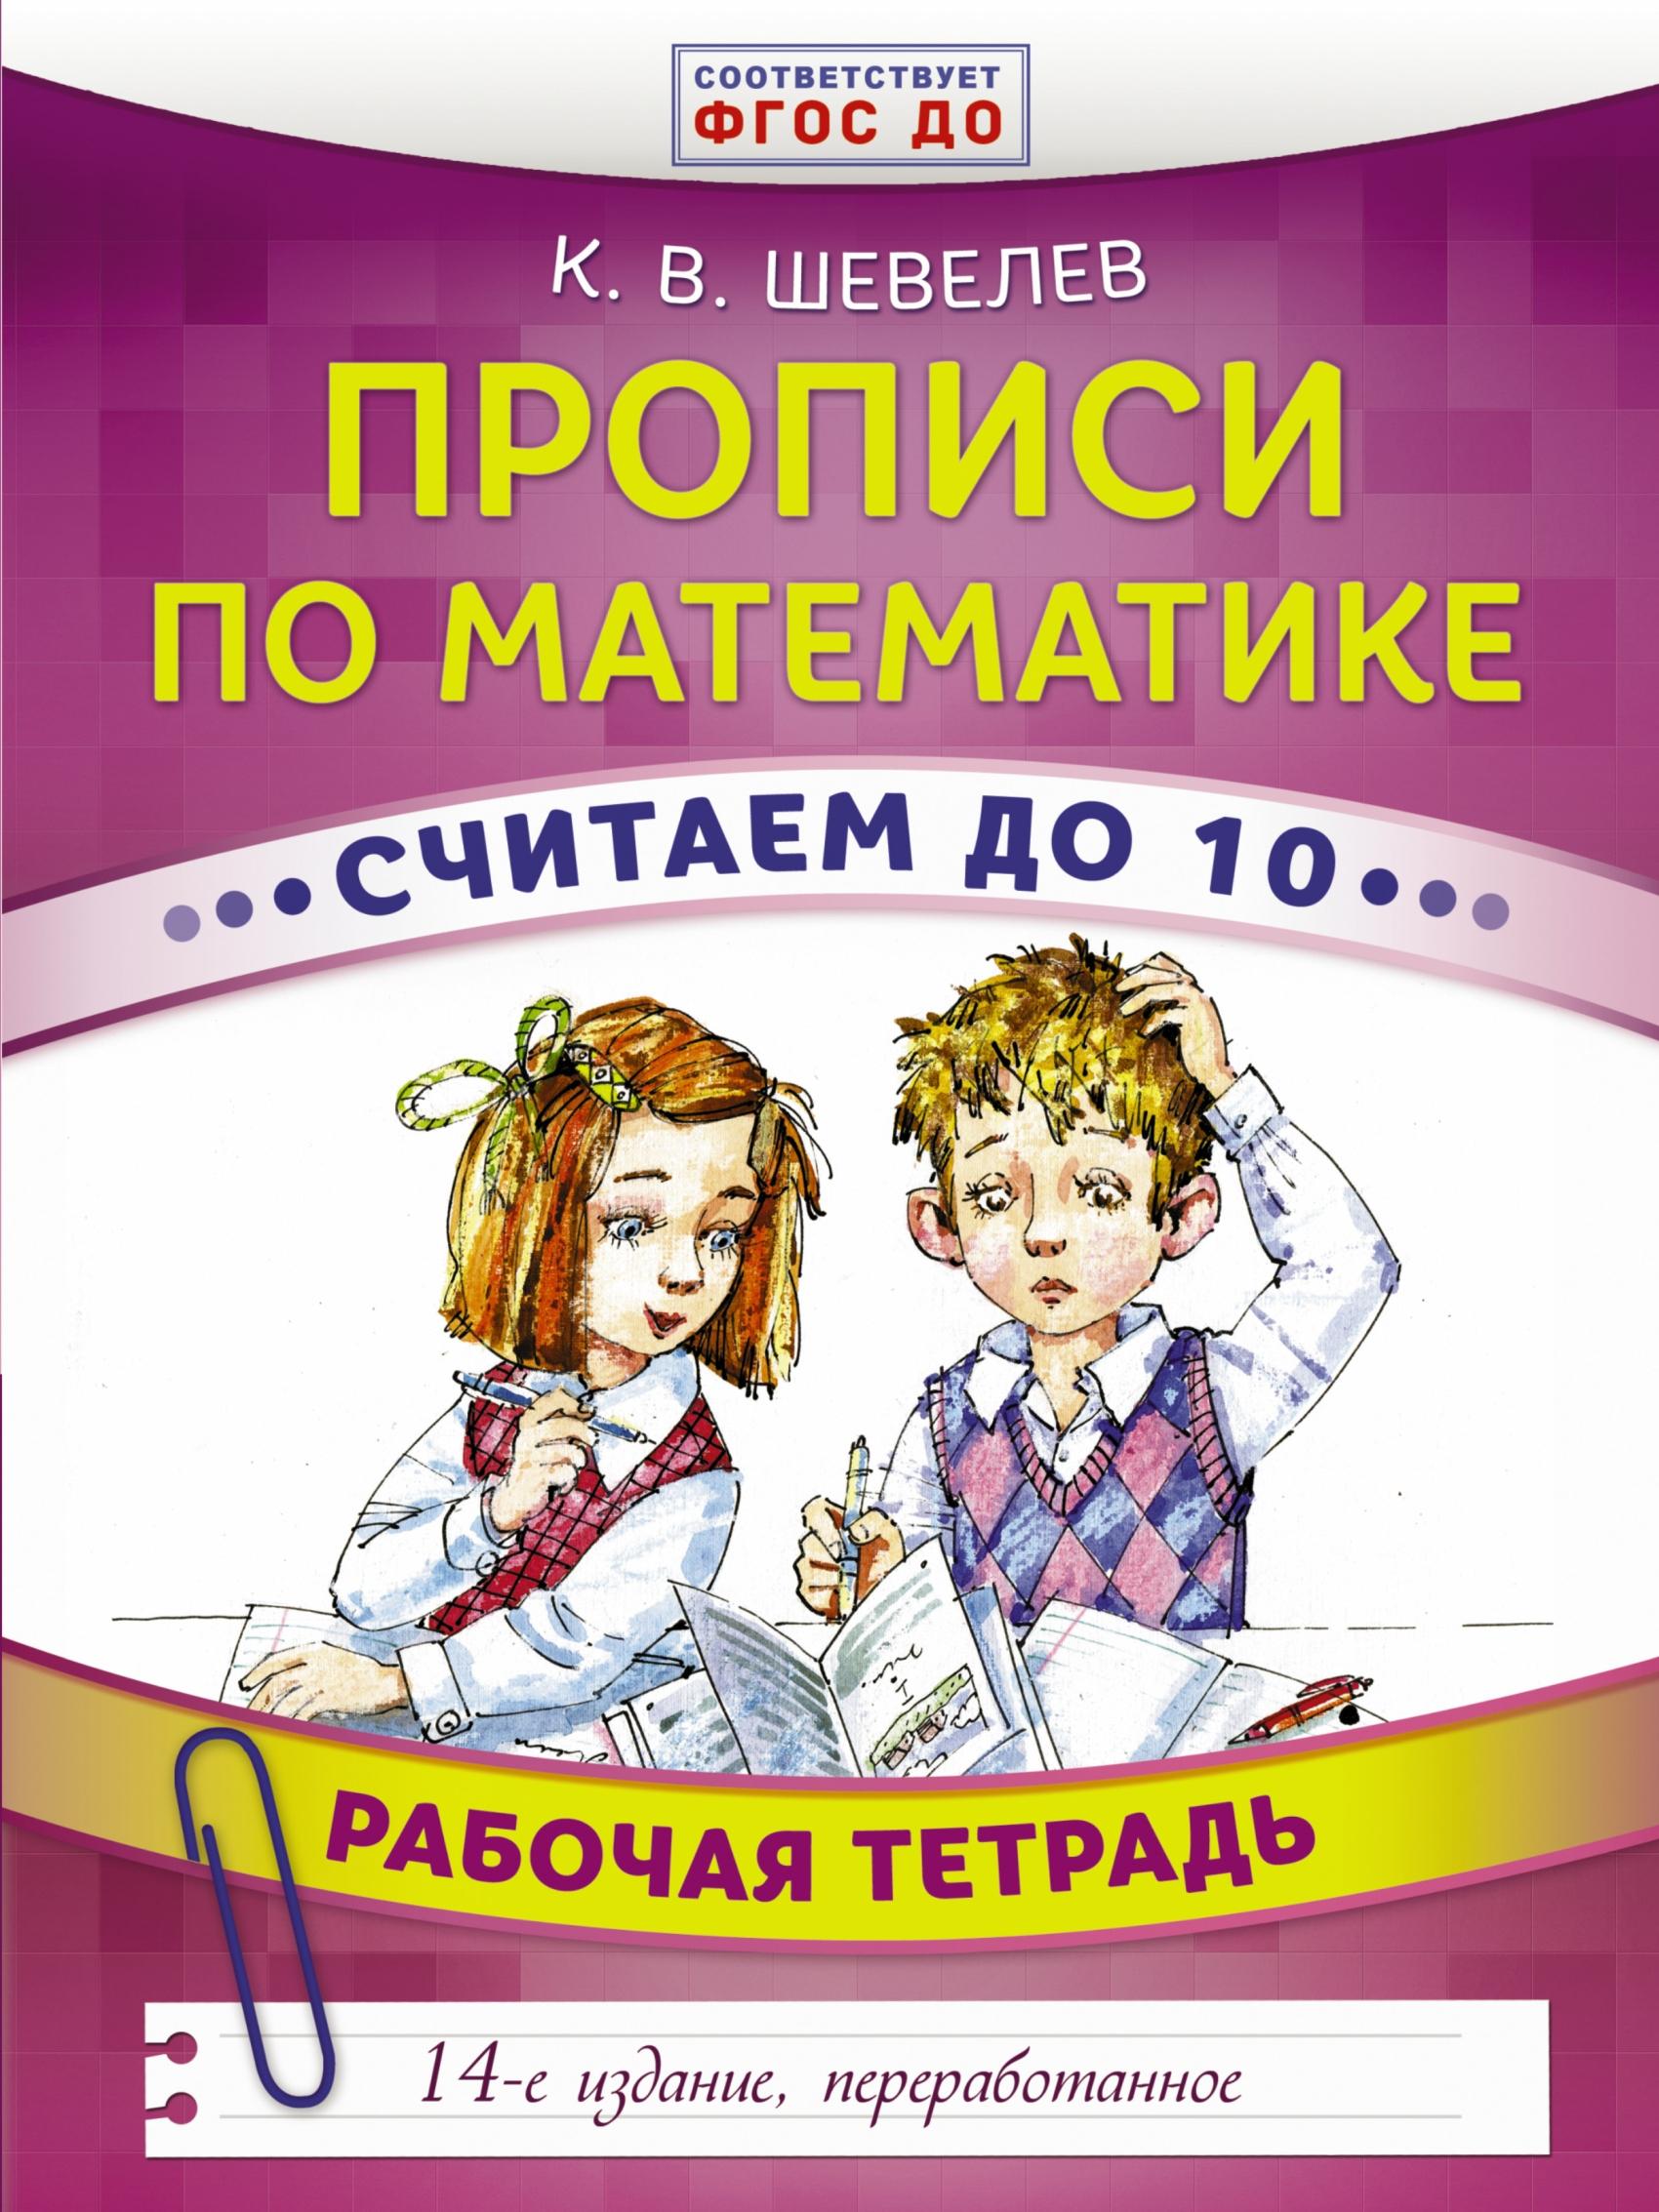 Прописи по математике. Считаем до 10. Рабочая тетрадь